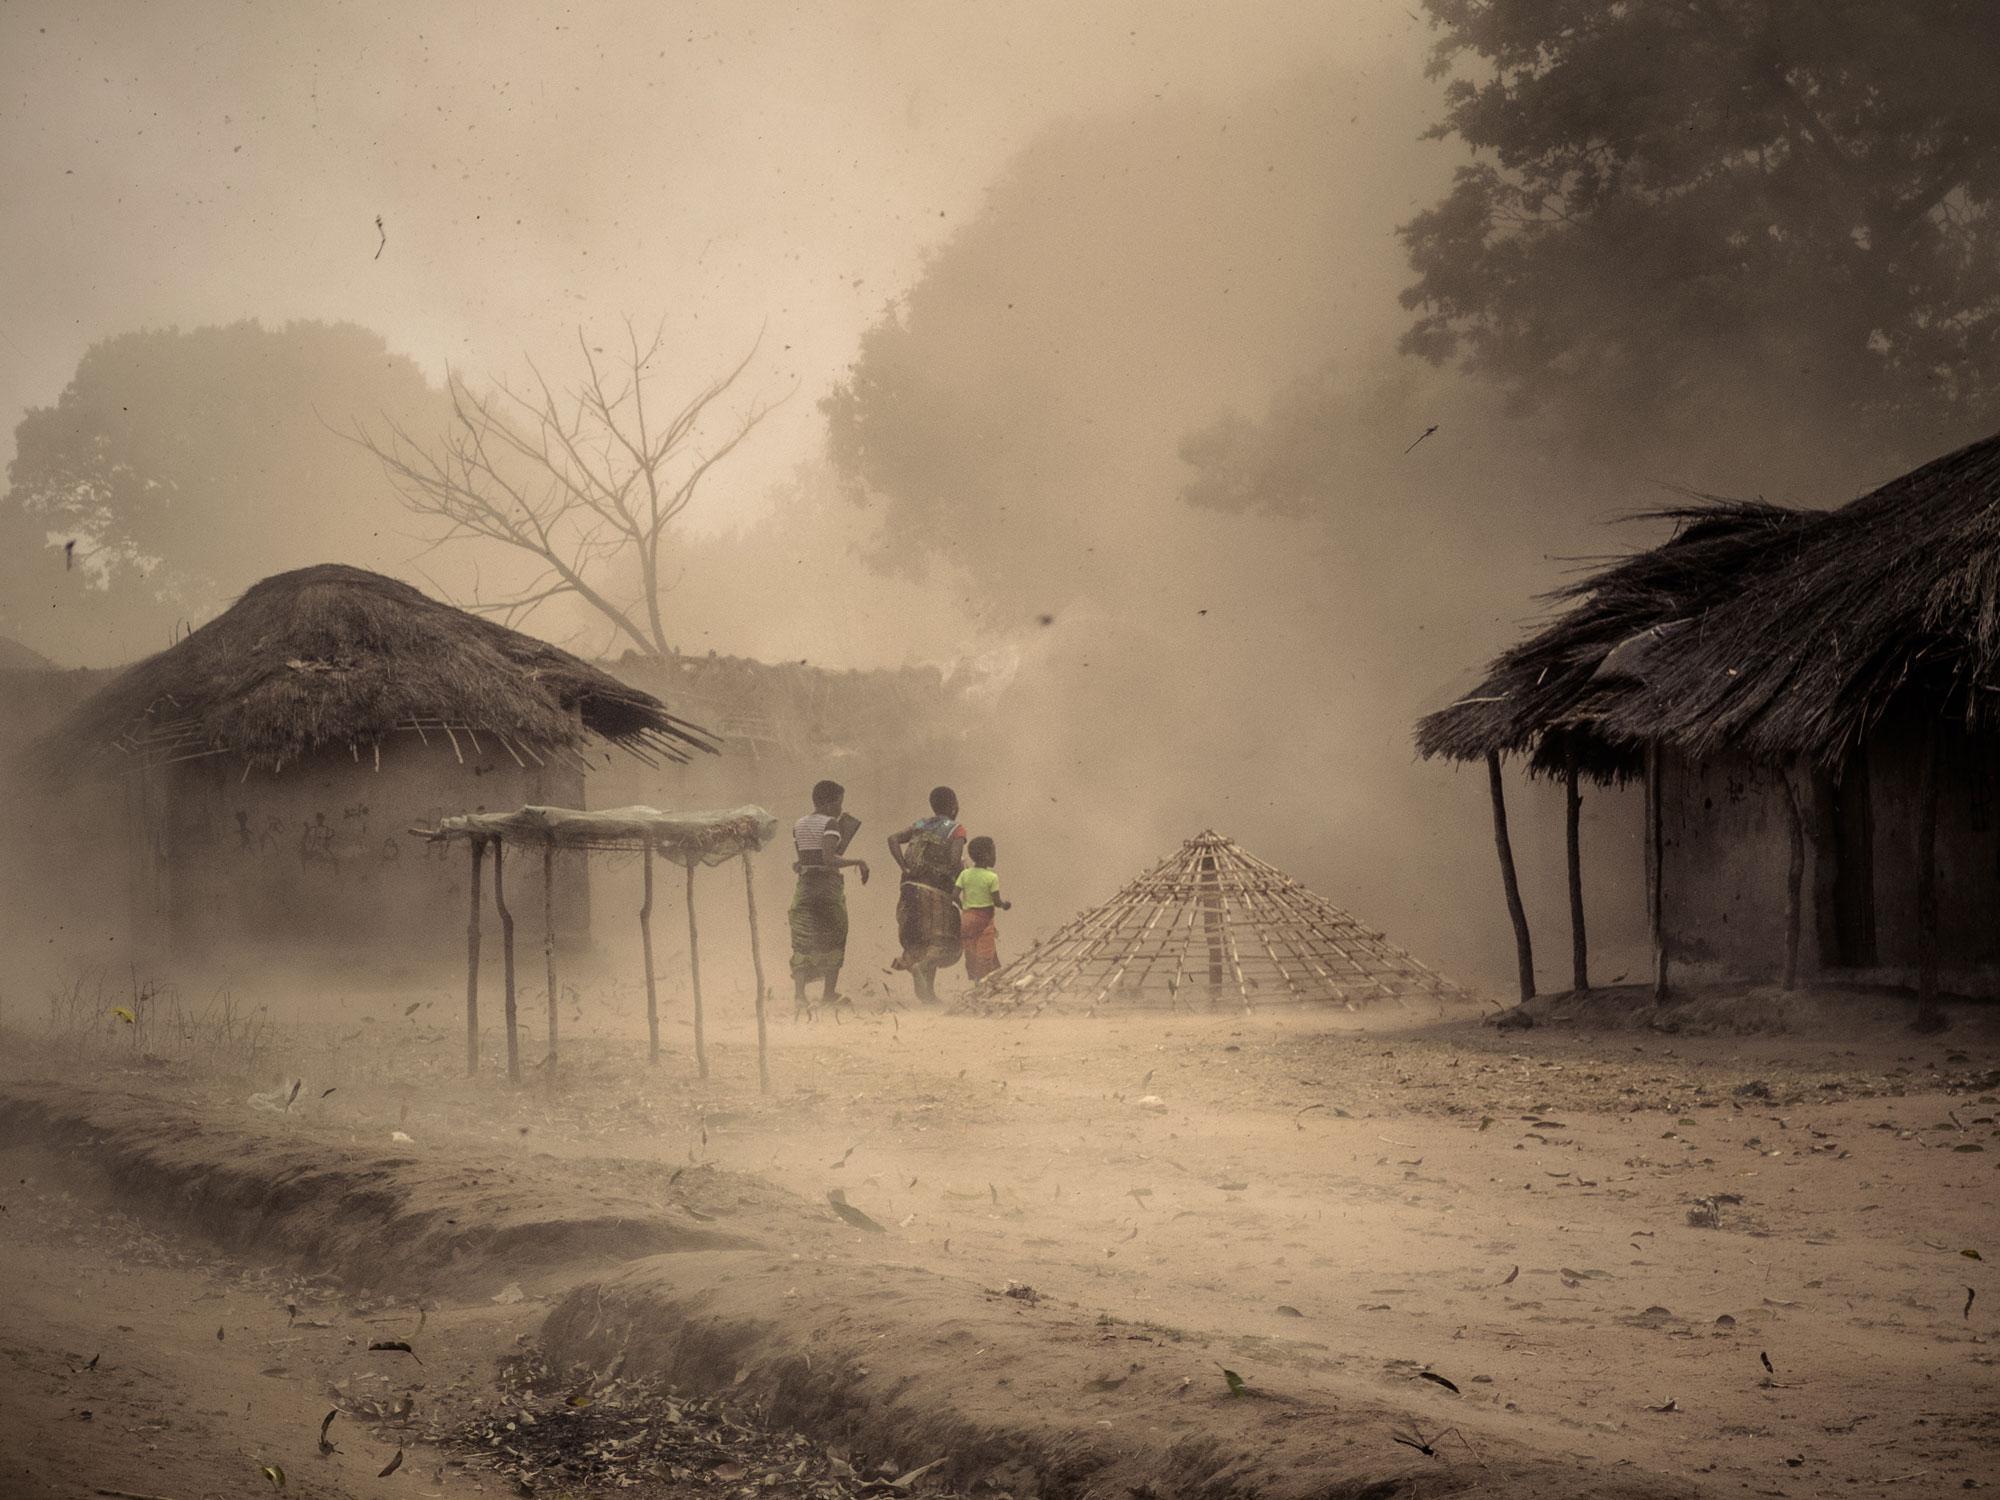 Mozambique-dust-storm.jpg